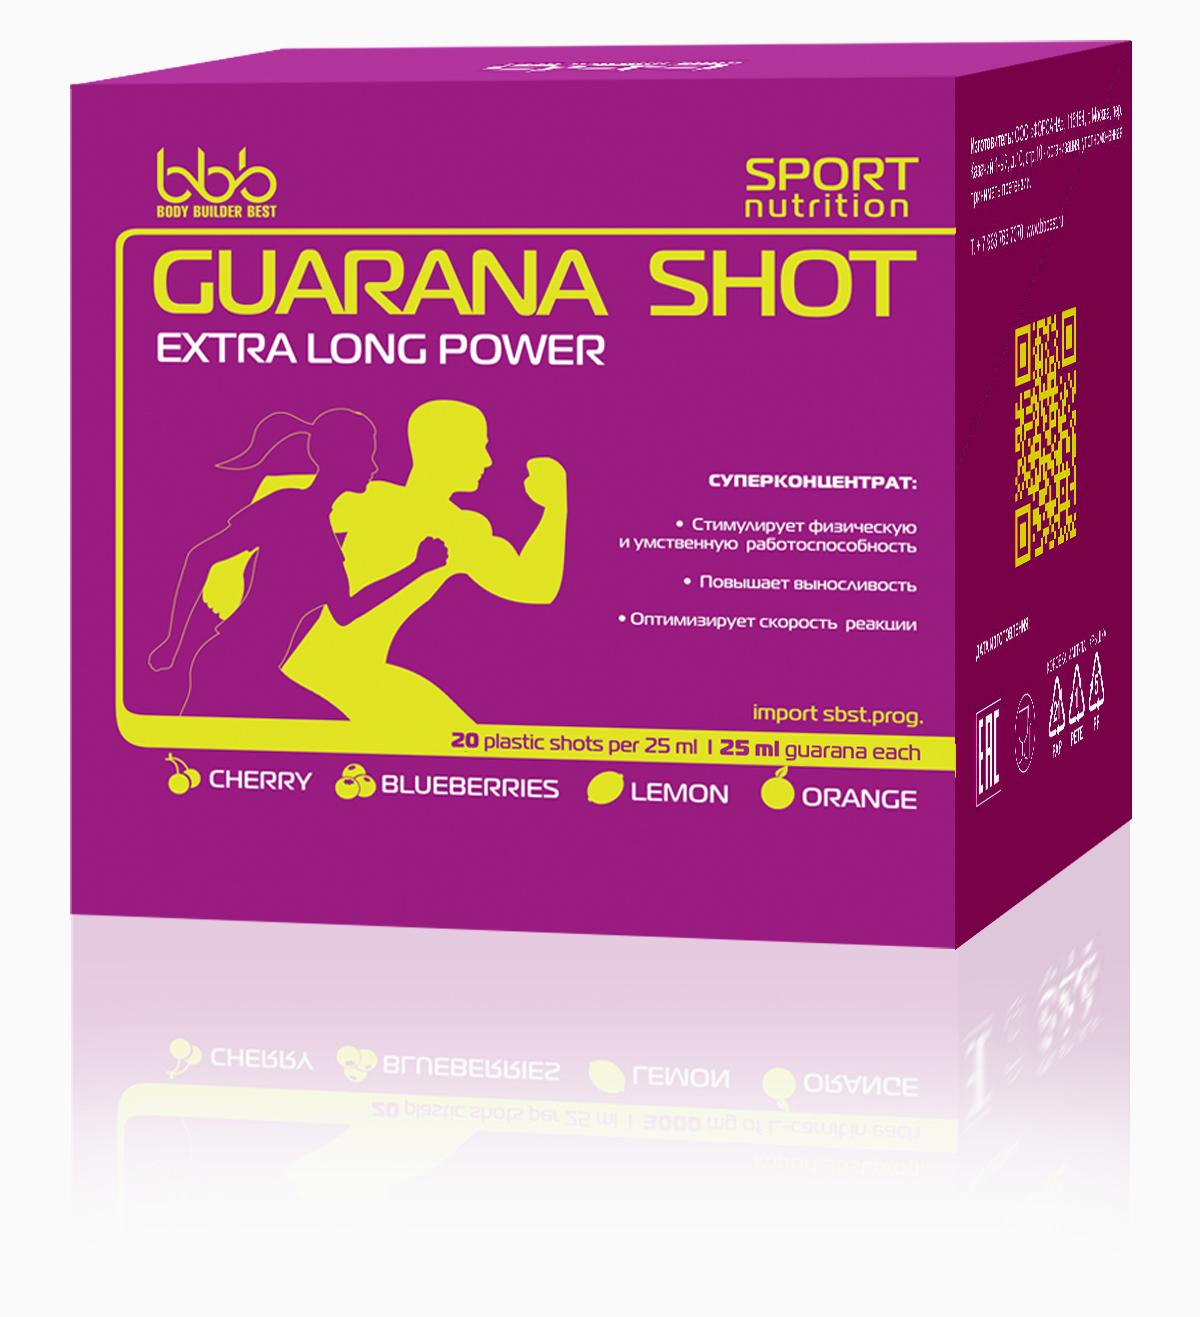 Энергетический напиток bbb  Guarana Shots , 20 шт x 25 мл. 105626 - Энергетики